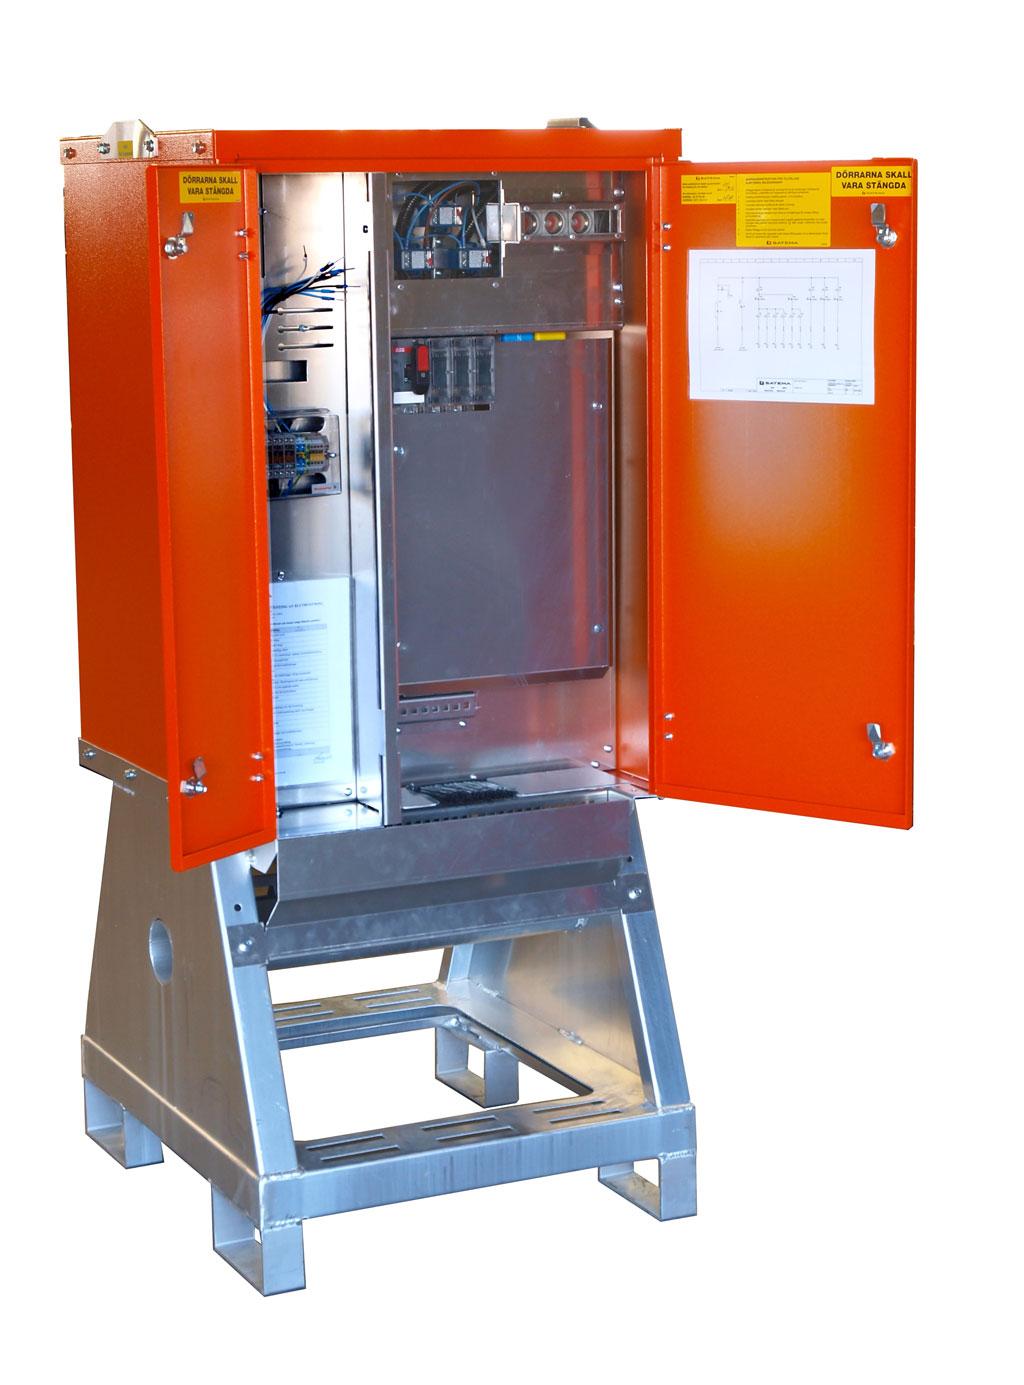 Matningscentraler-ZFSF125-1-3321-41-oppen2